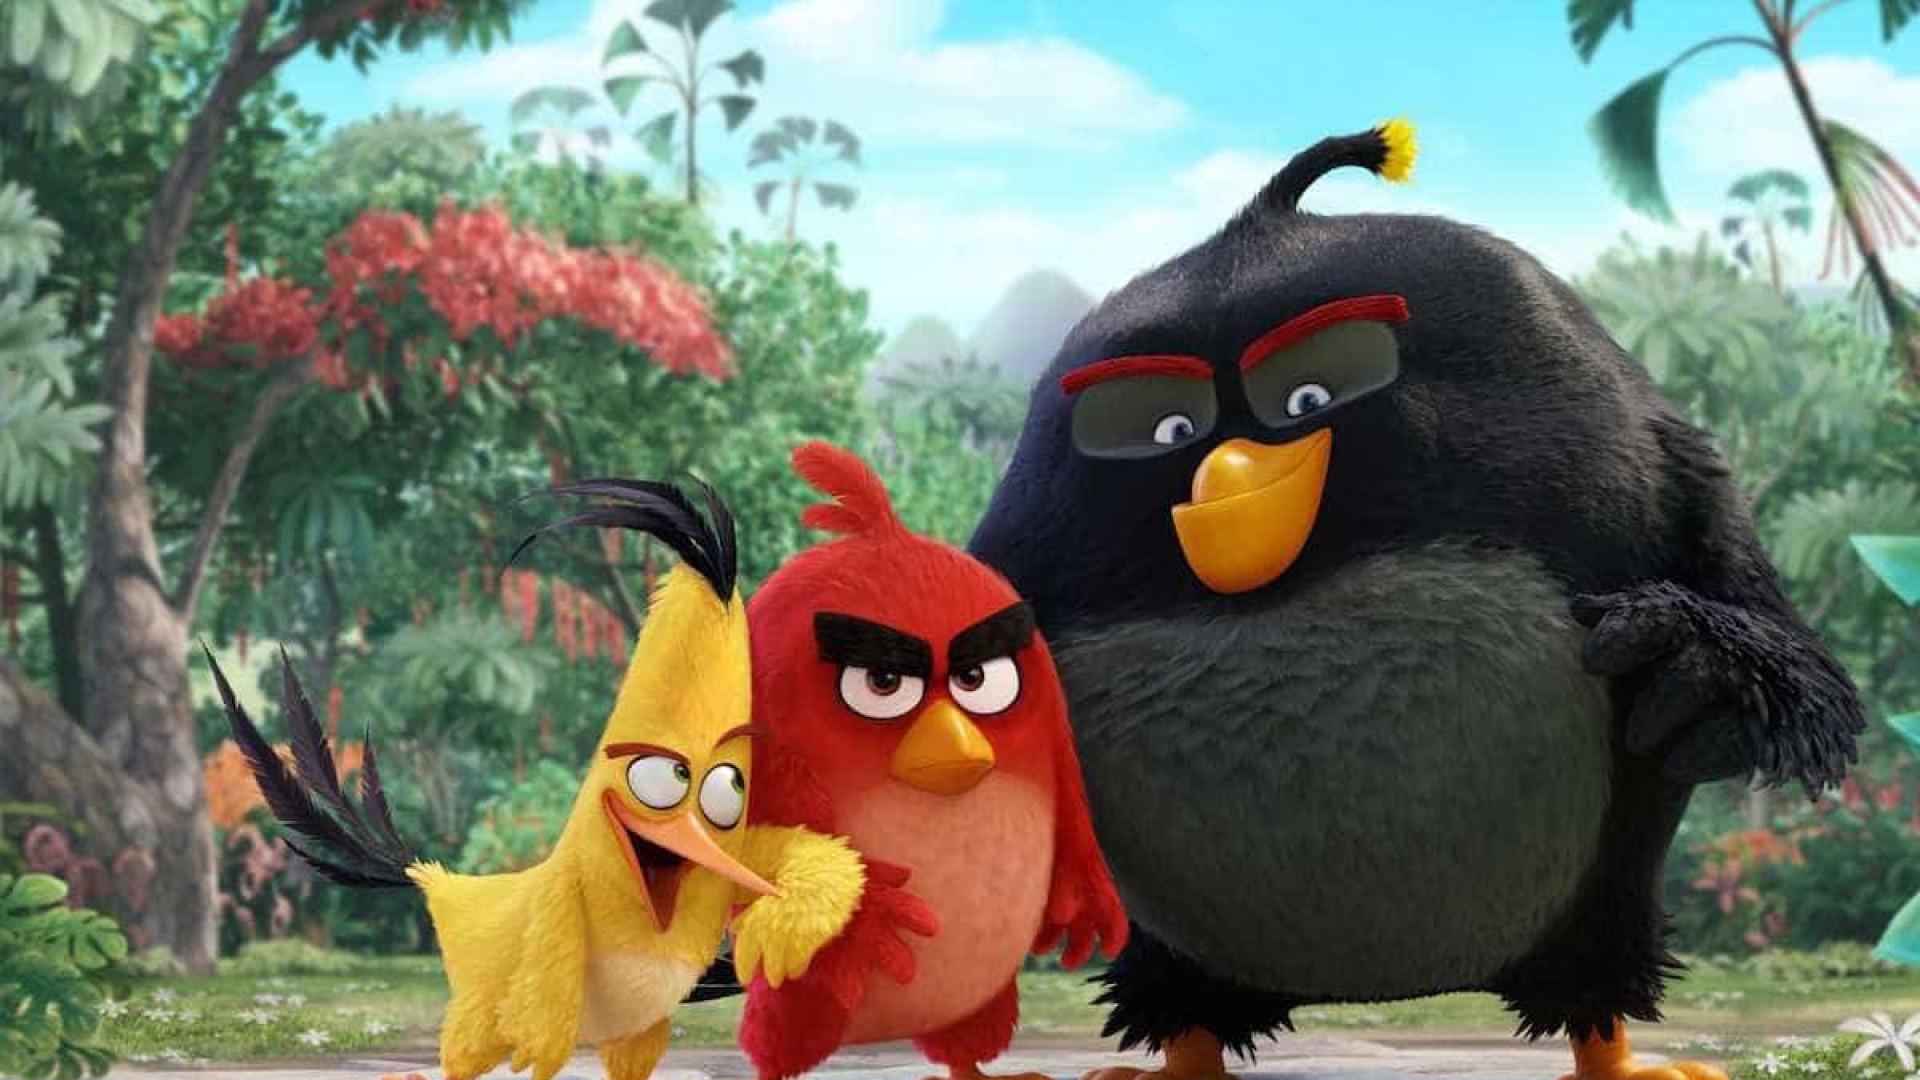 Novo filme de 'Angry Birds' tem mais personagens e subtramas